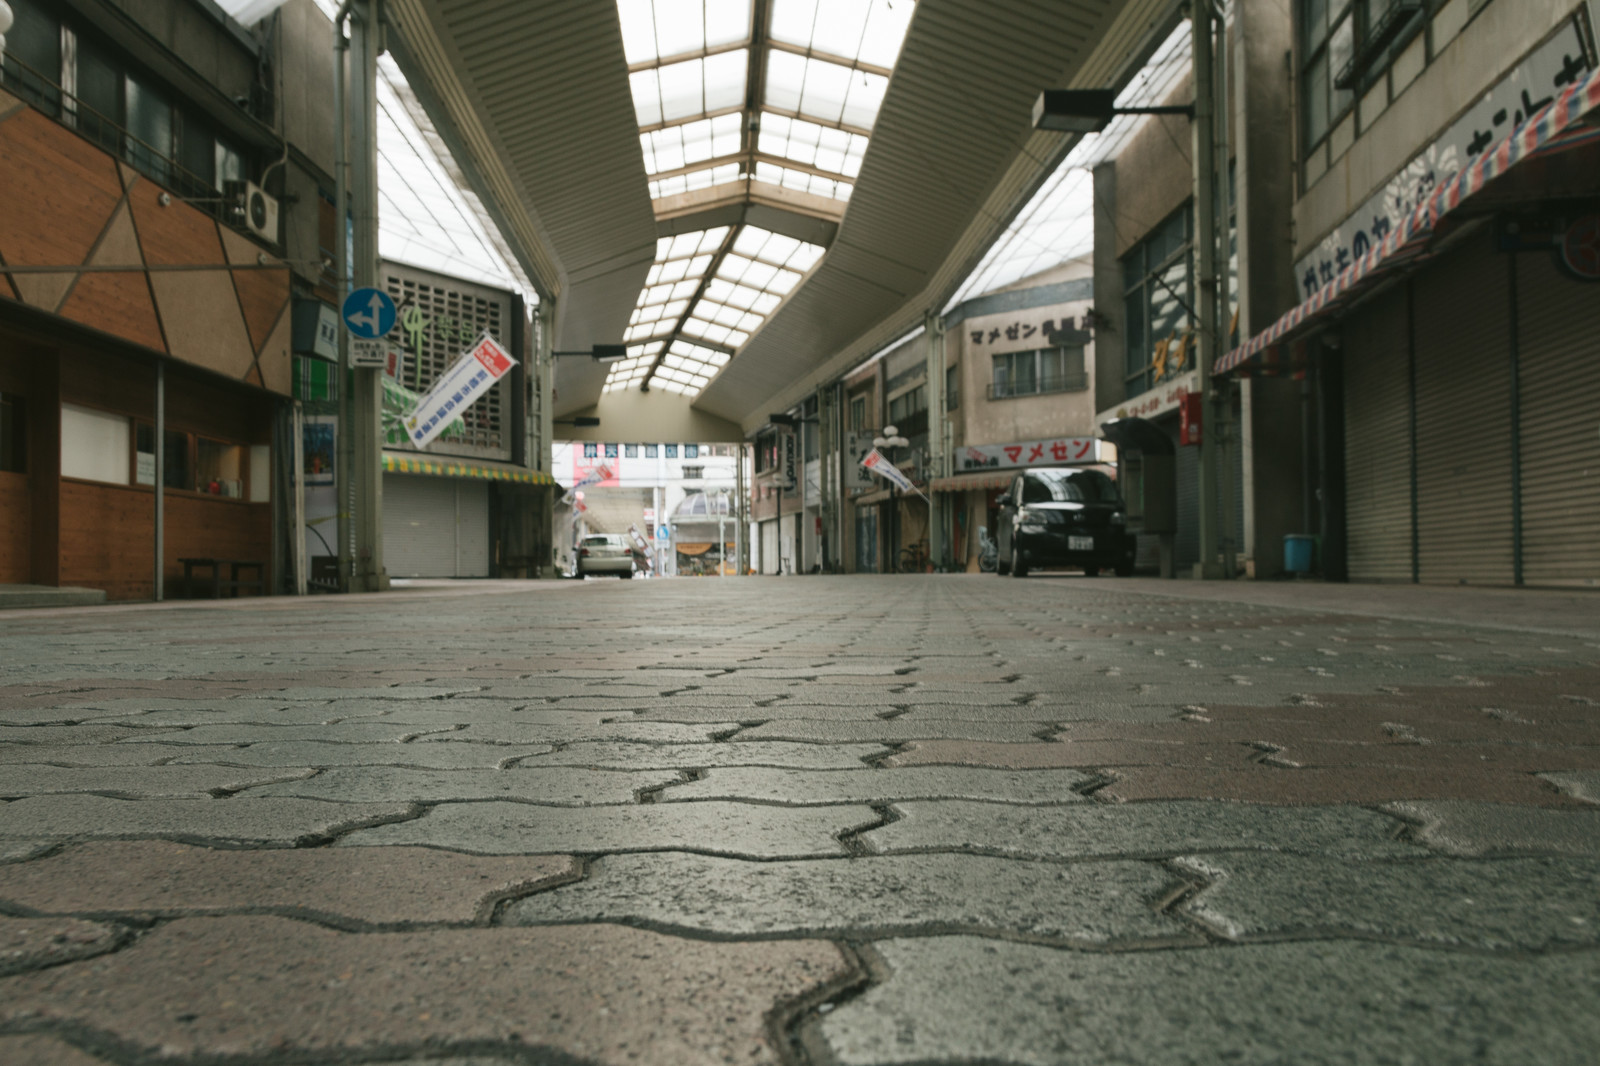 油津商店街がモールへ進化!あぶらつ食堂などおすすめスポットもご紹介!